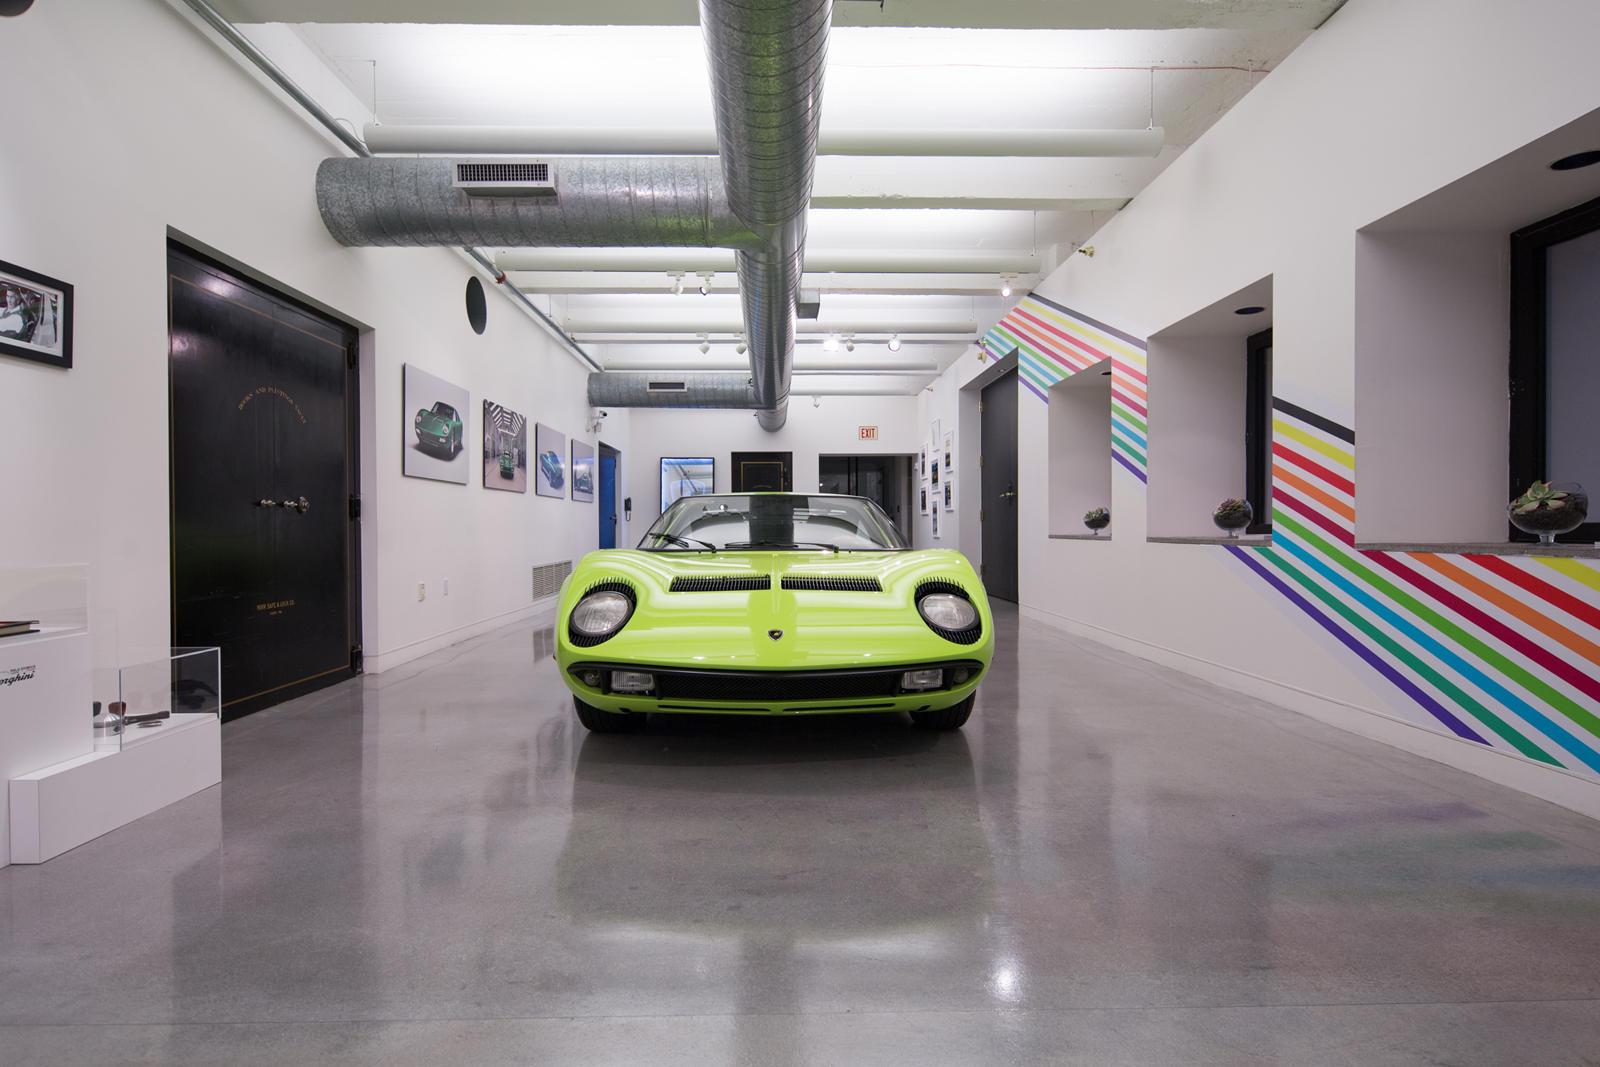 Lamborghini Miura Installation Shows Breathtaking Design